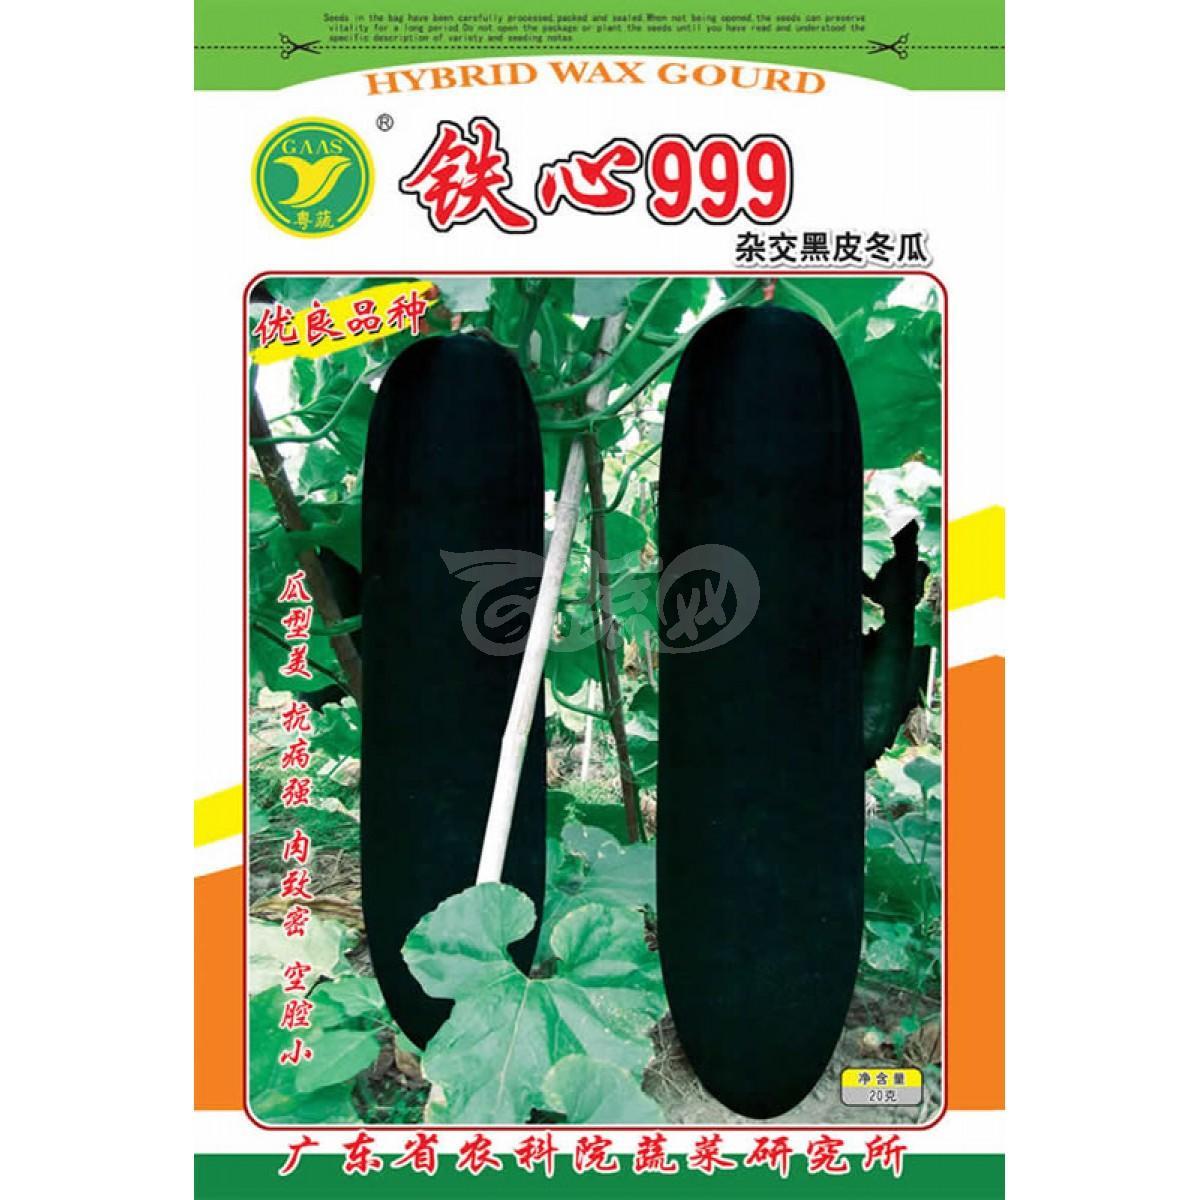 广东粤蔬 铁心999杂交冬瓜种子 广东农科院选育 细长 冬瓜种子 15克装